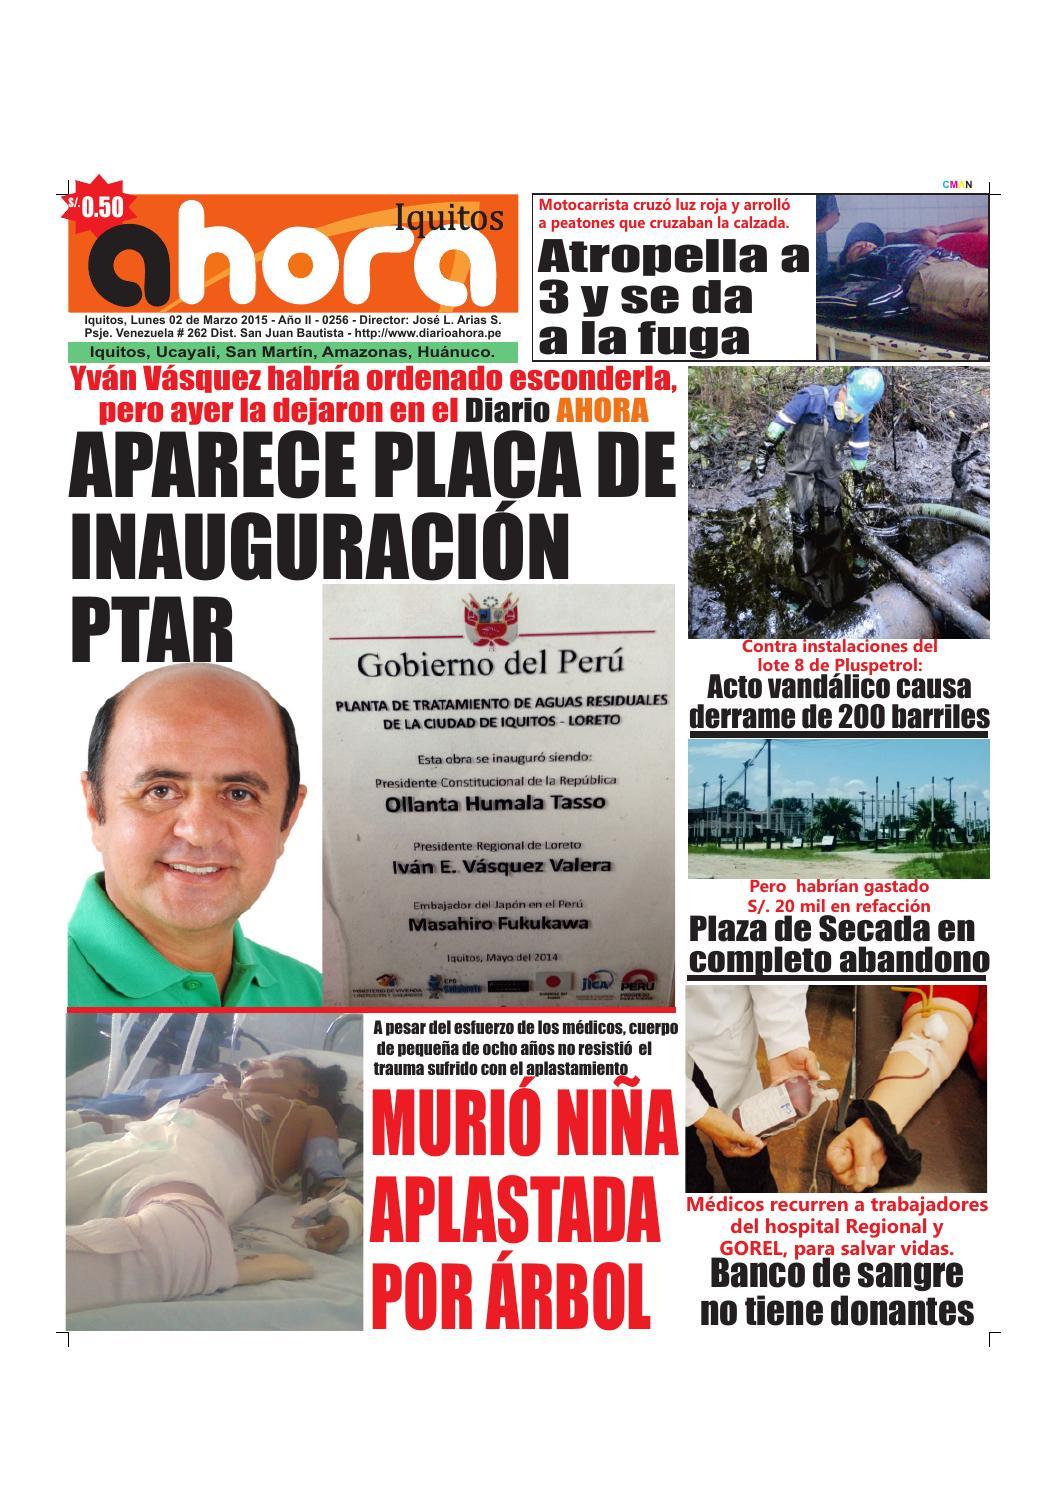 1c9d081632 02 03 15 diario ahora iquitos by Jonatan Arias - issuu